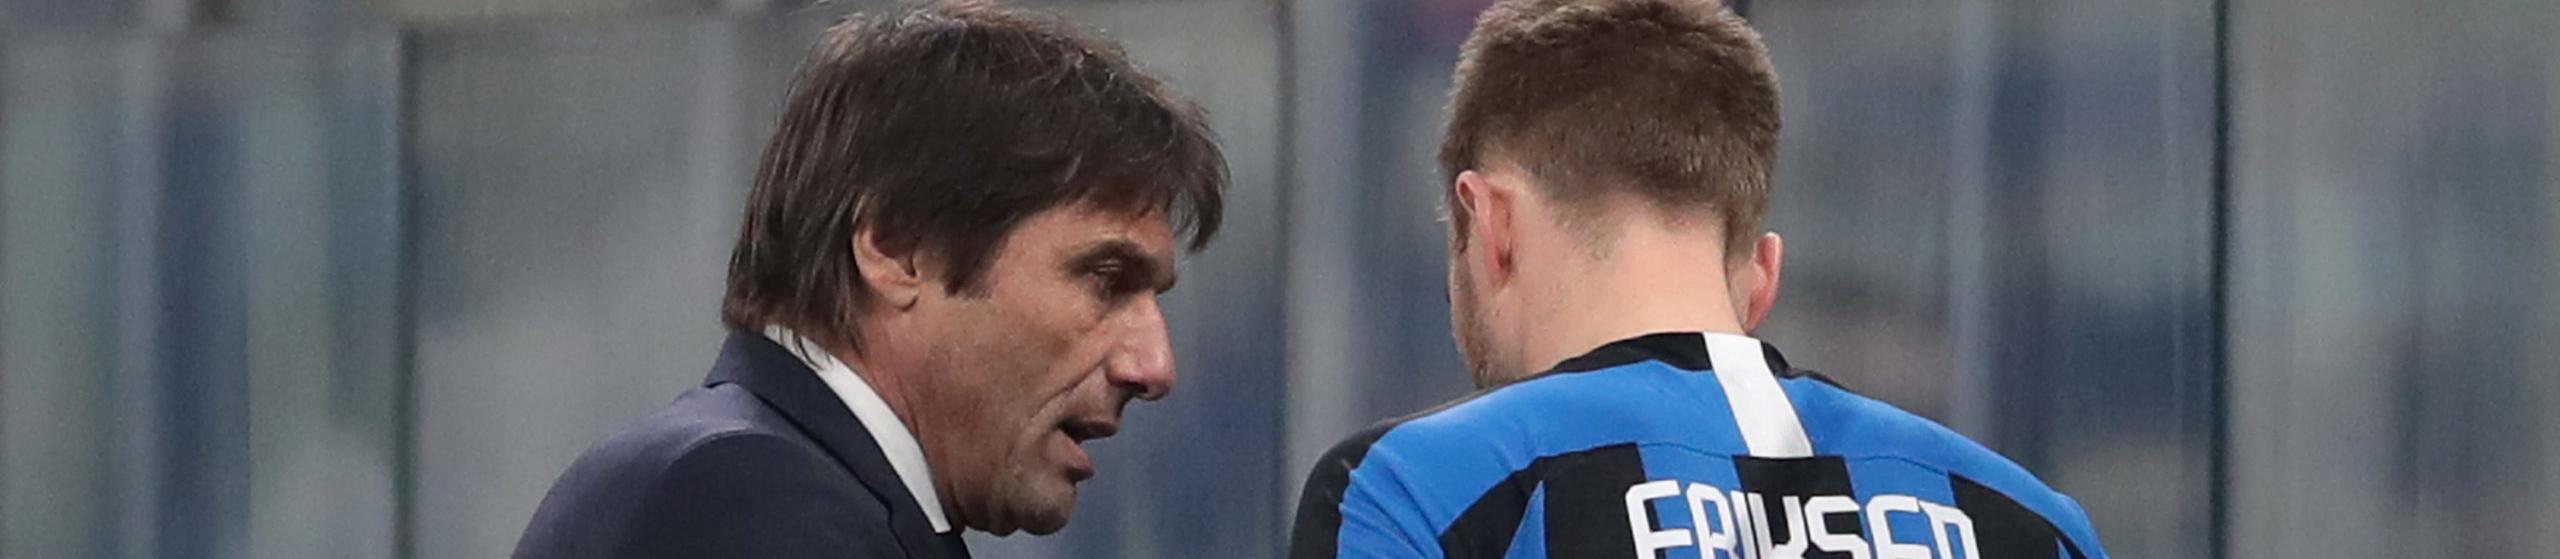 Pronostico Inter-Borussia Monchengladbach: Conte in cerca di risposte - le ultimissime